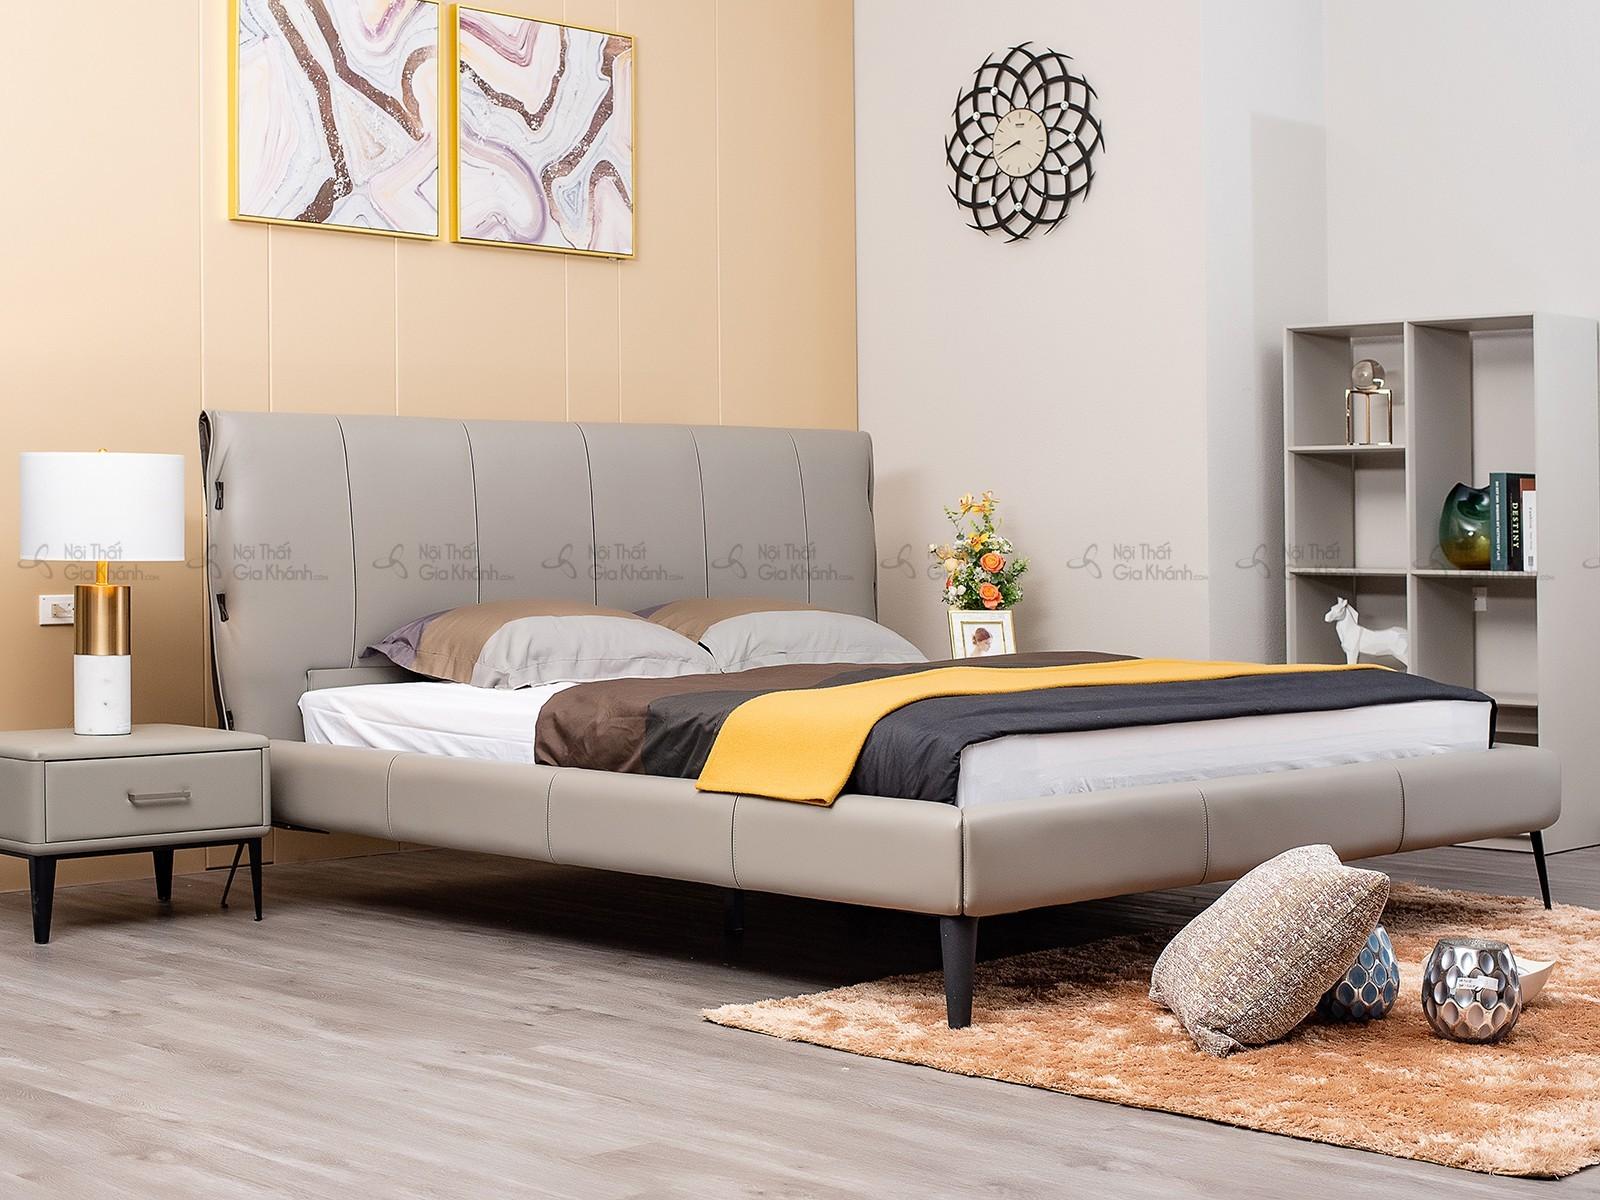 Giường ngủ hiện đại da thật cao cấp GI1727T